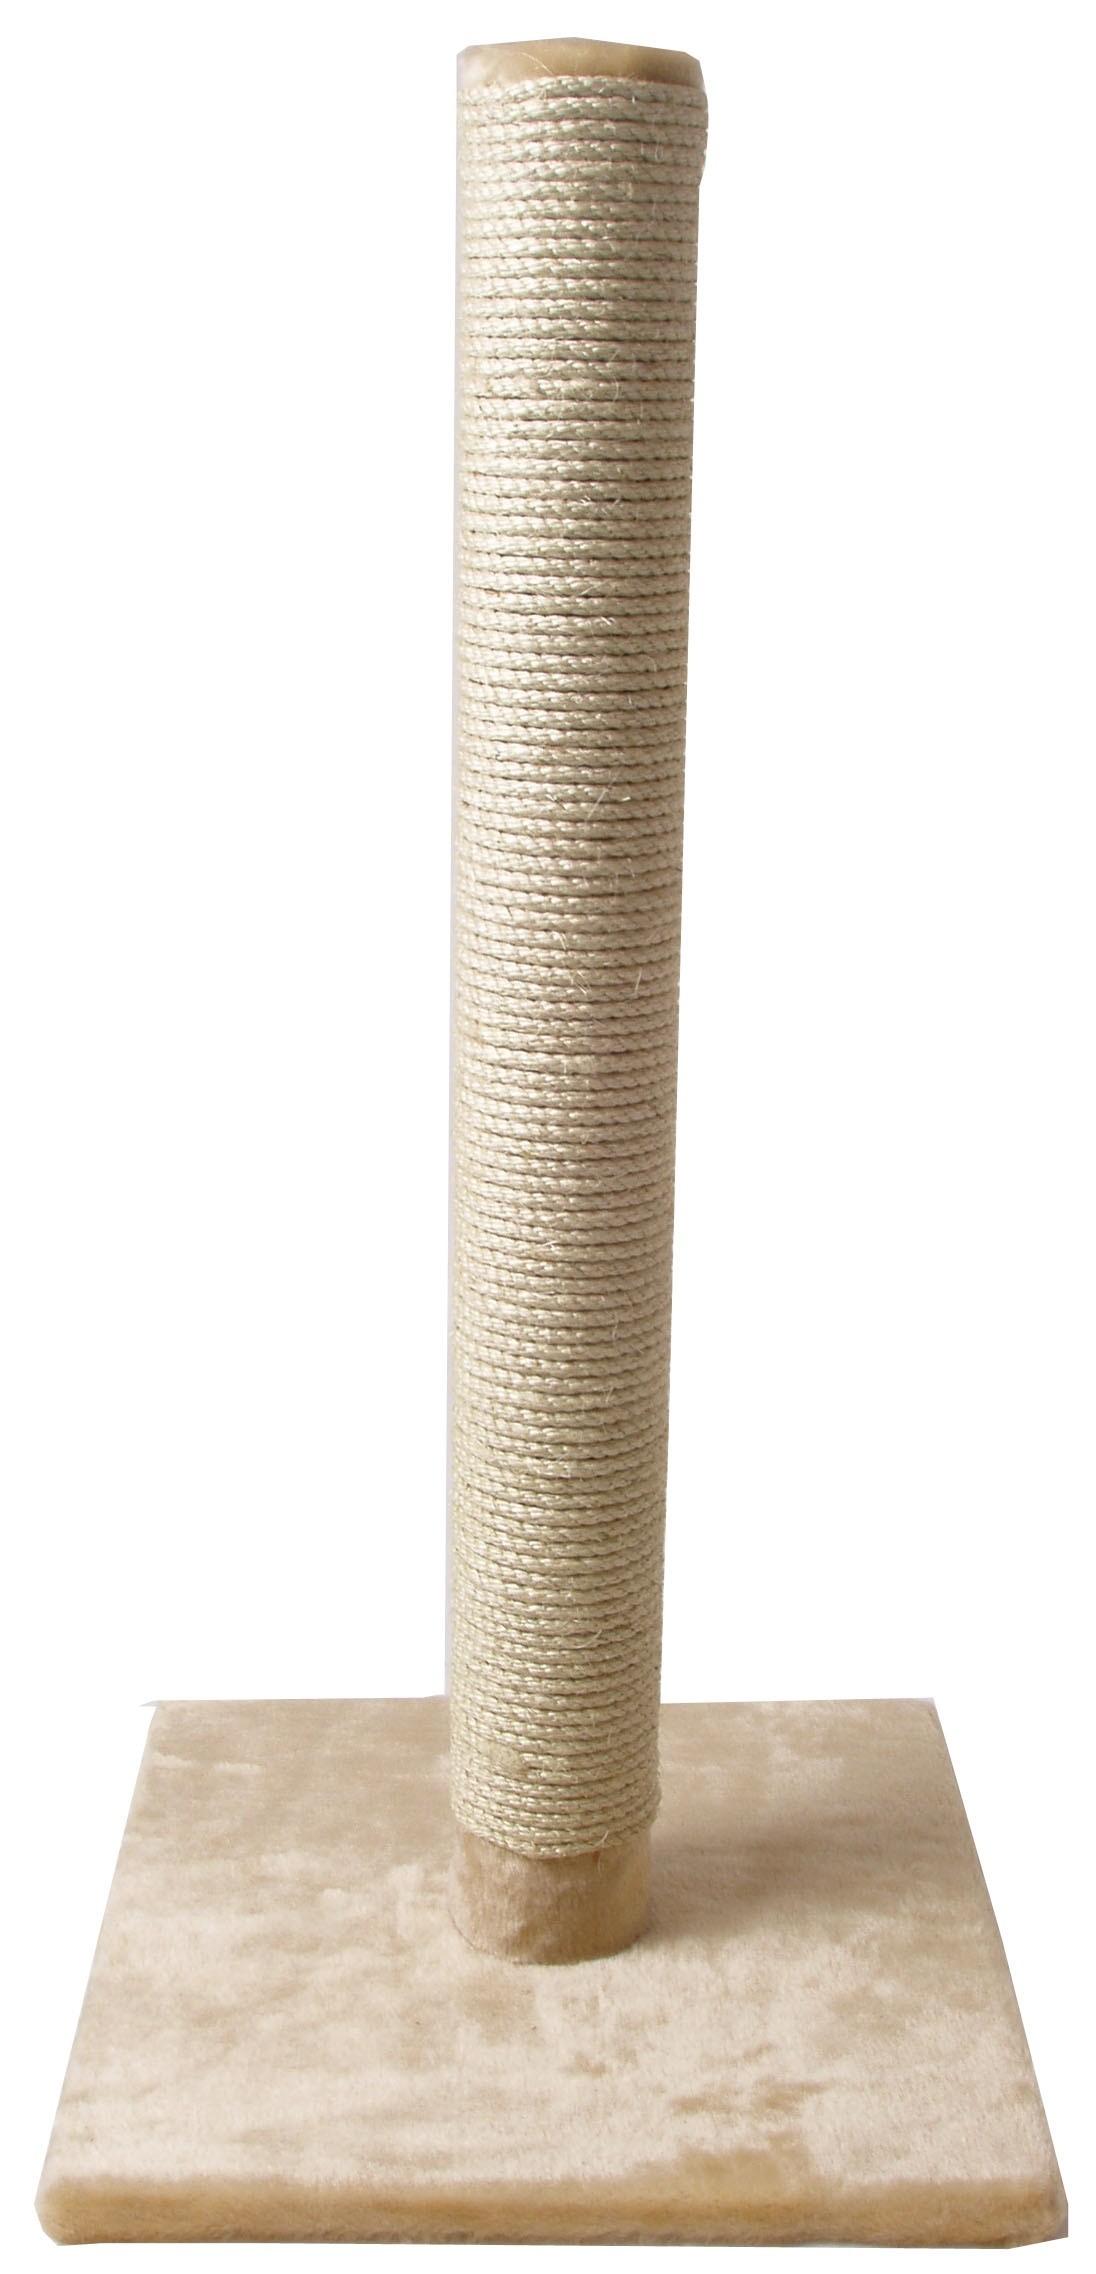 Krabpaal-Lang-82-cm-voor-de-kat-Beige